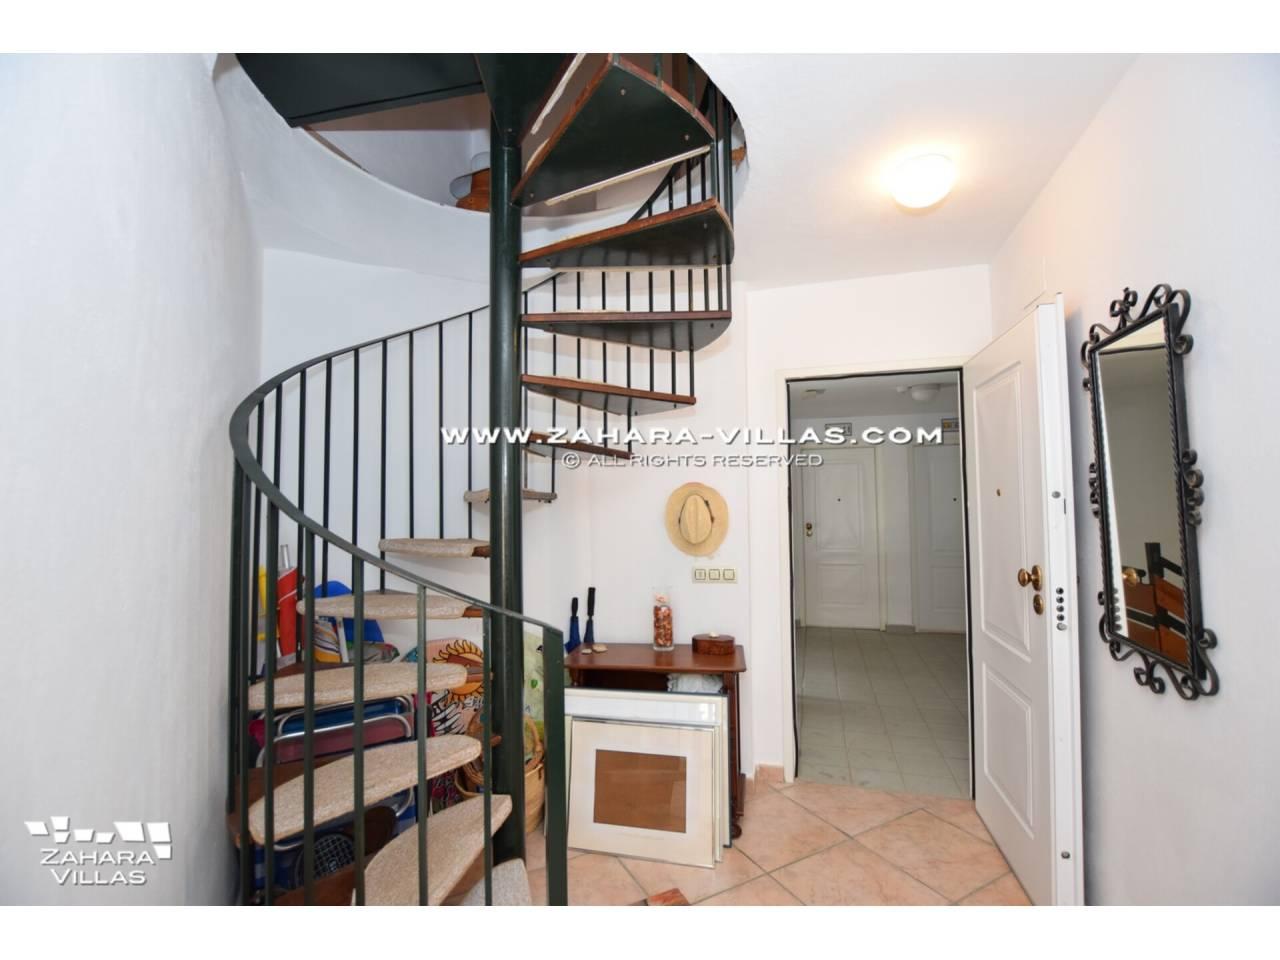 Imagen 7 de Penthouse apartment for sale in Zahara de los Atunes